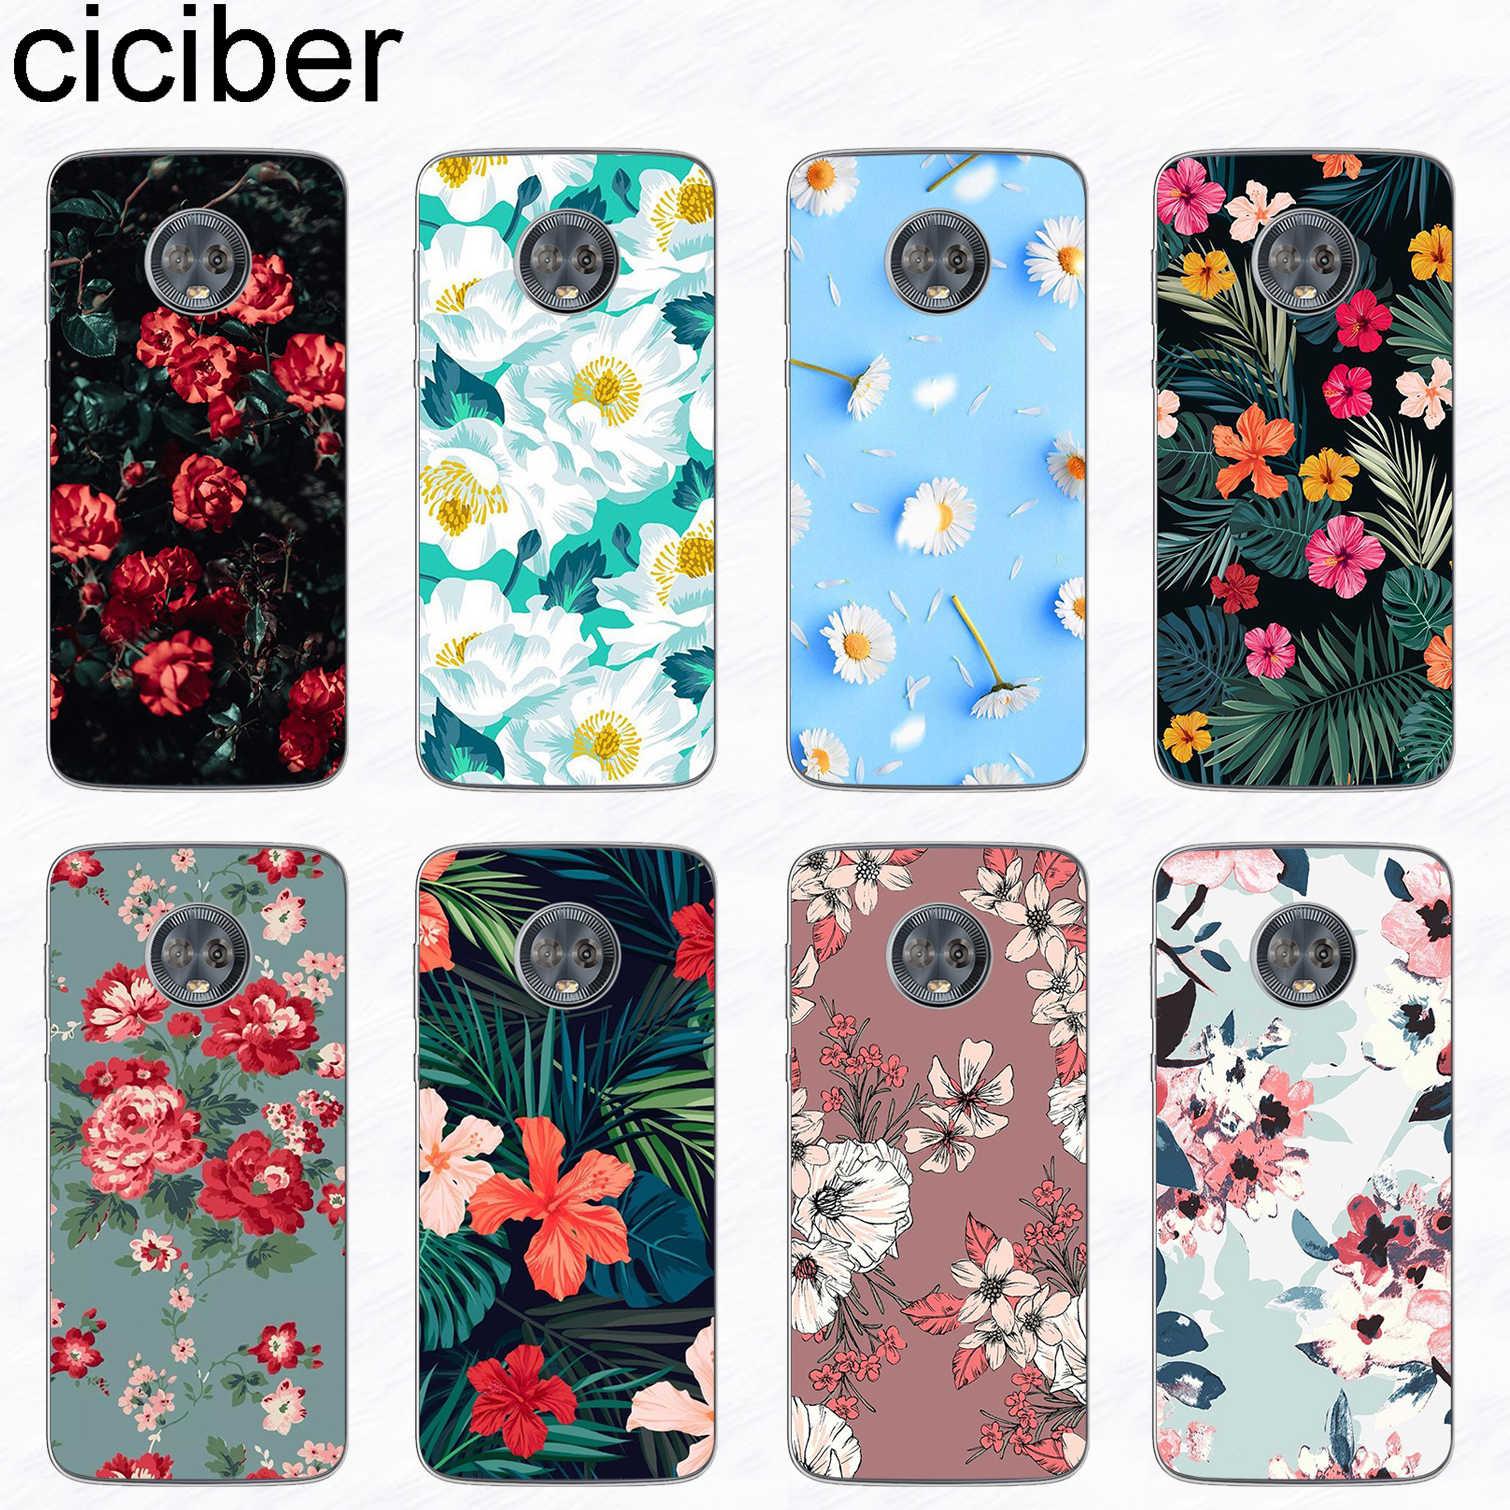 Чехол для телефона ciciber цветы розы для Motorola Moto G6 G5 G5S E5 E4 C Z2 Z3 G4 Plus Play X4 ONE P30 power Note мягкий чехол из ТПУ